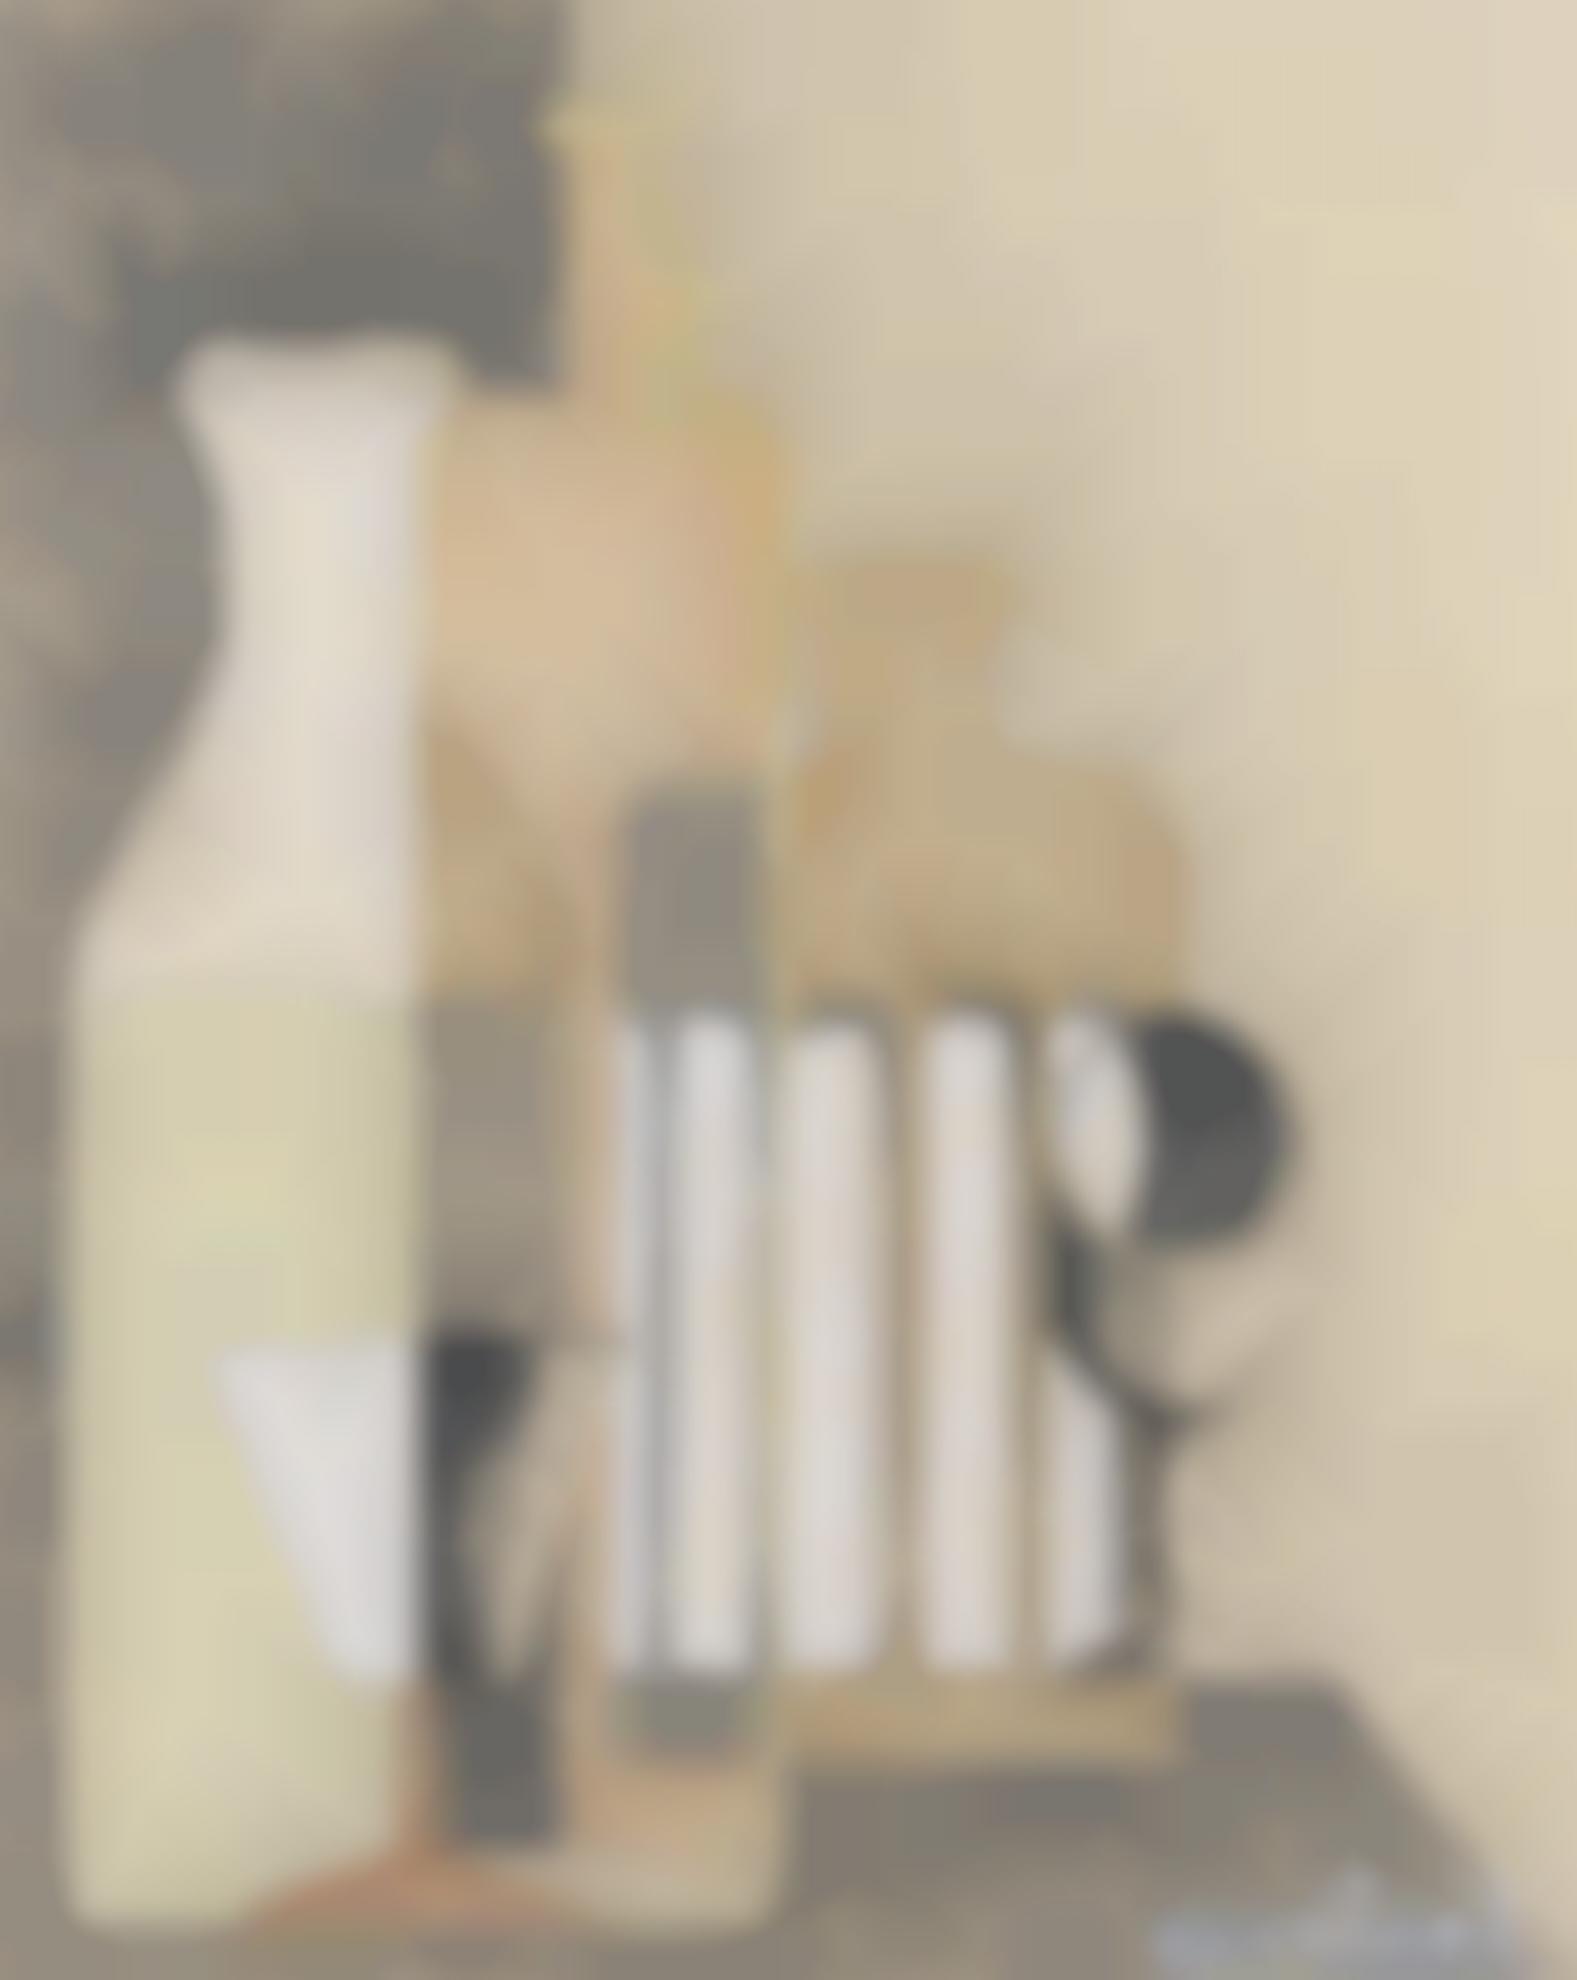 Amedee Ozenfant-Nature Morte Puriste Aux Deux Verres-1923